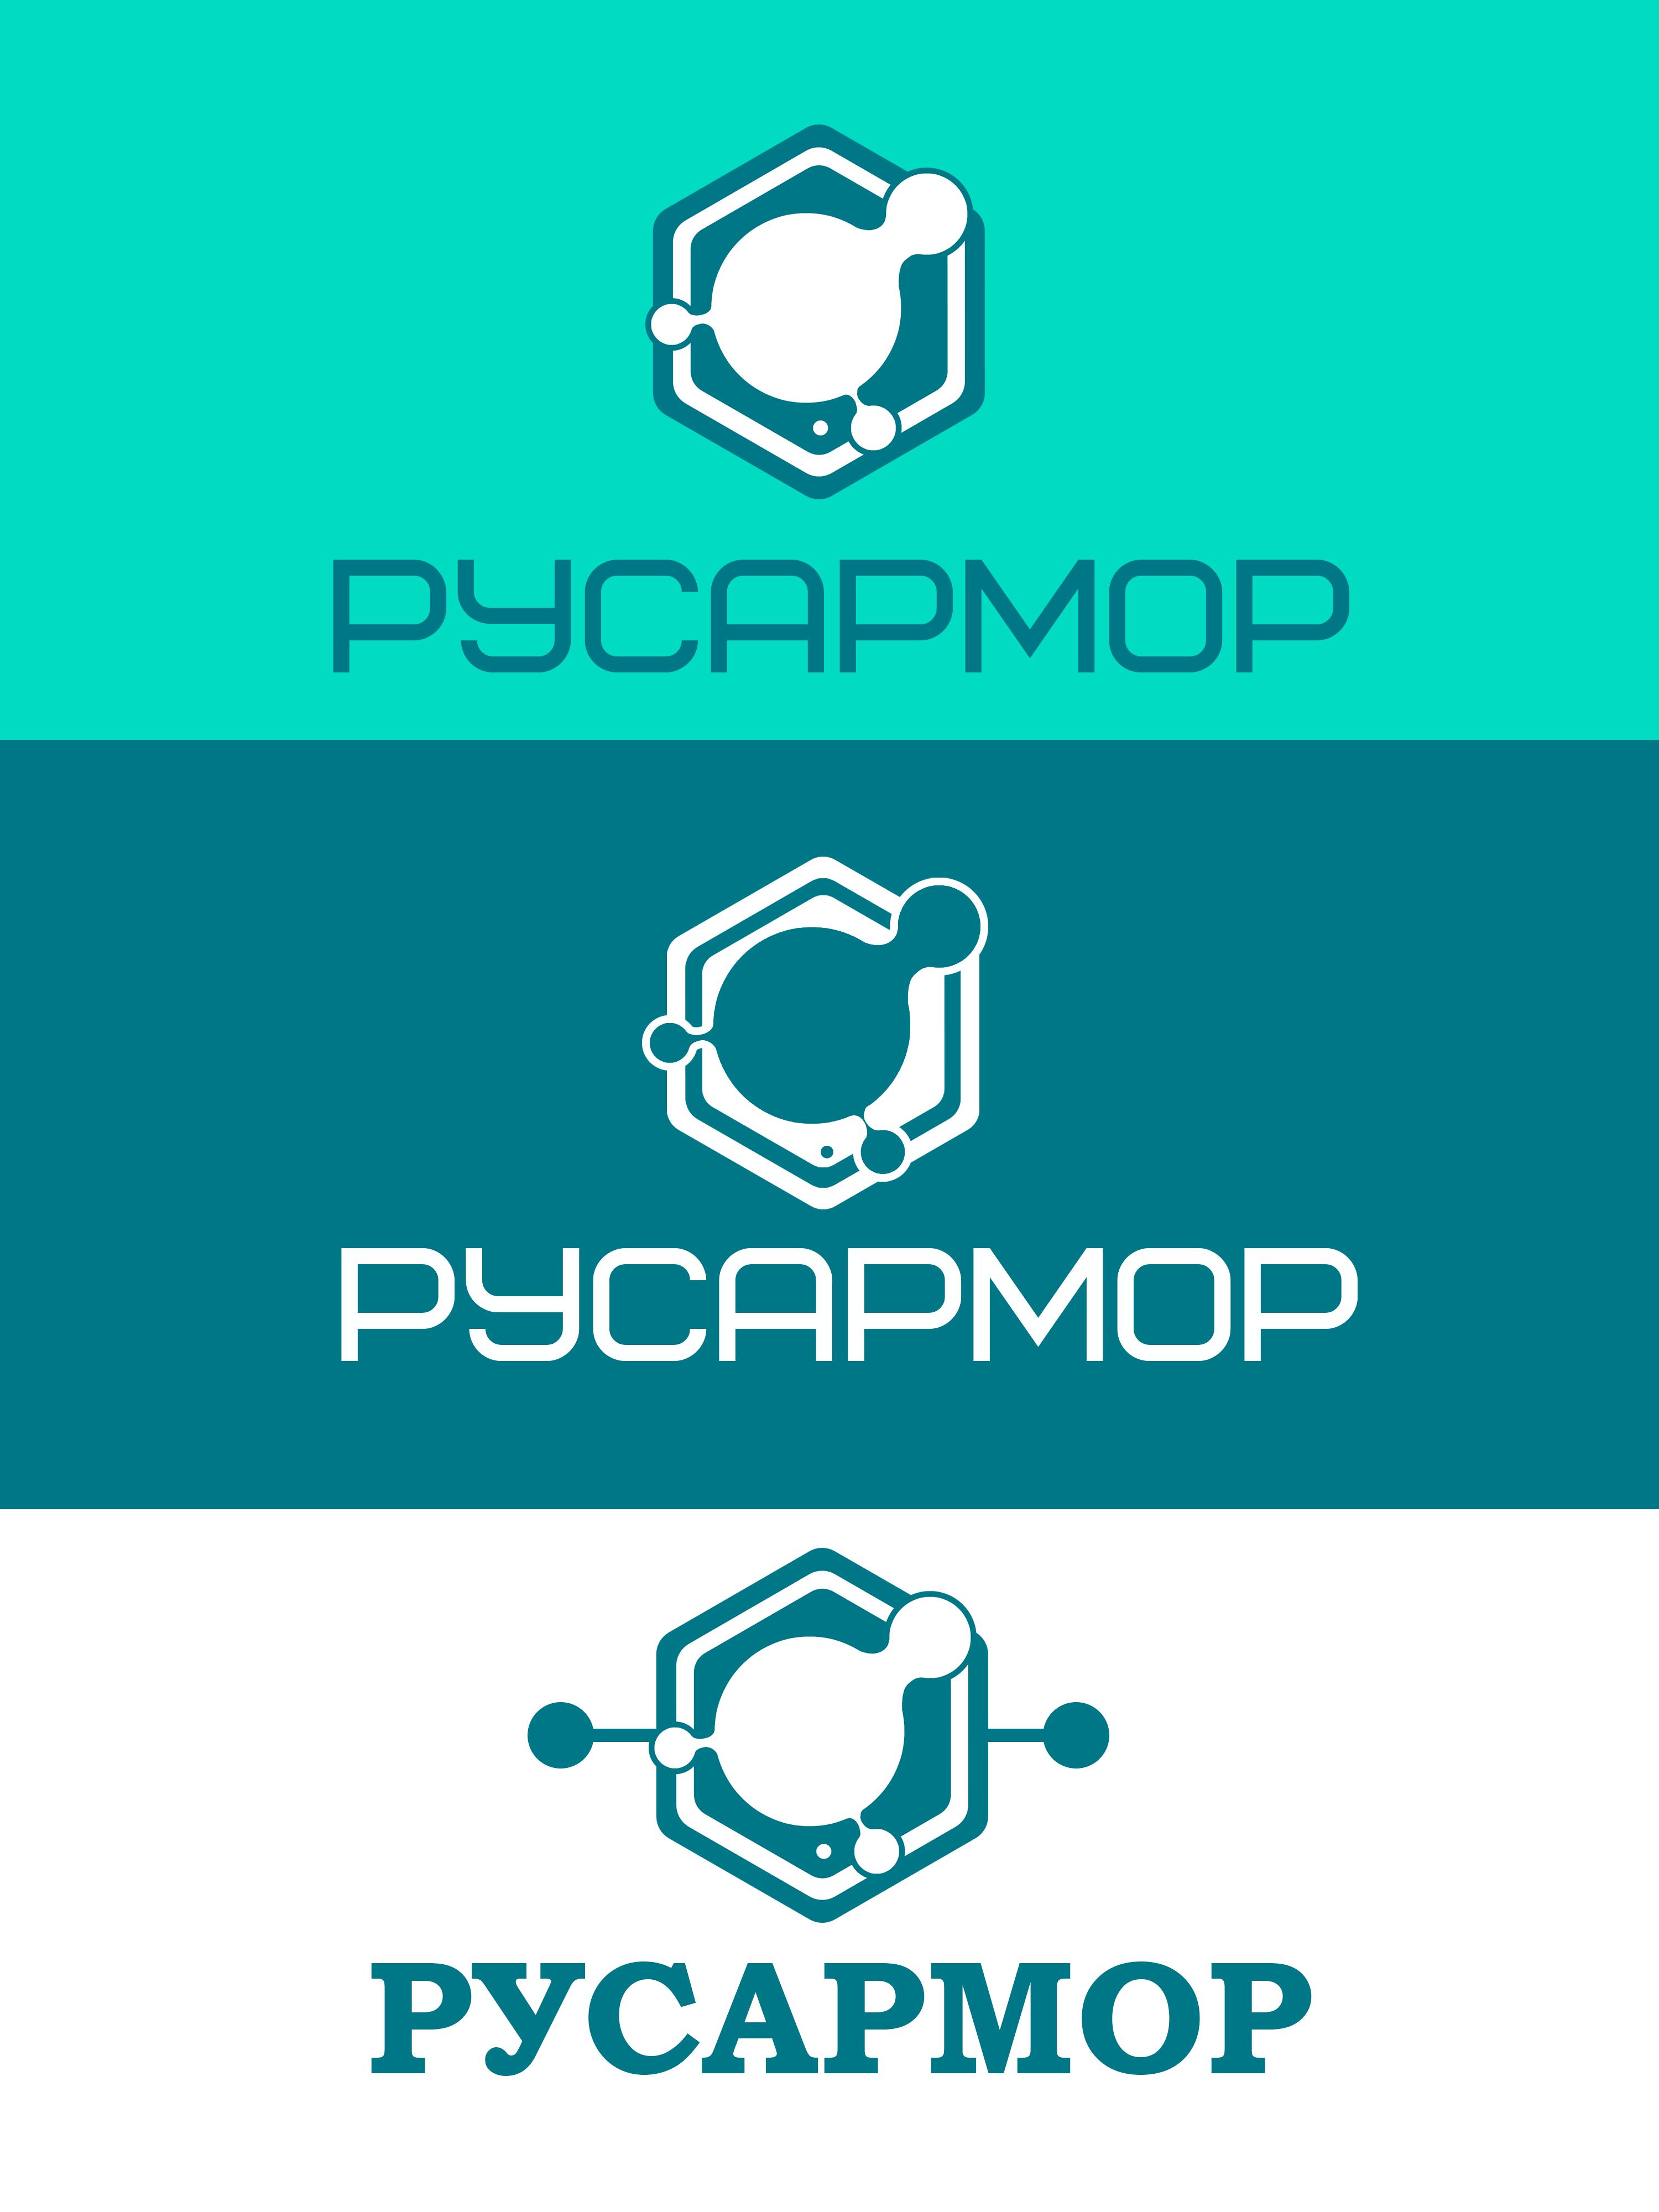 Разработка логотипа технологического стартапа РУСАРМОР фото f_1105a0eb7c58f969.png